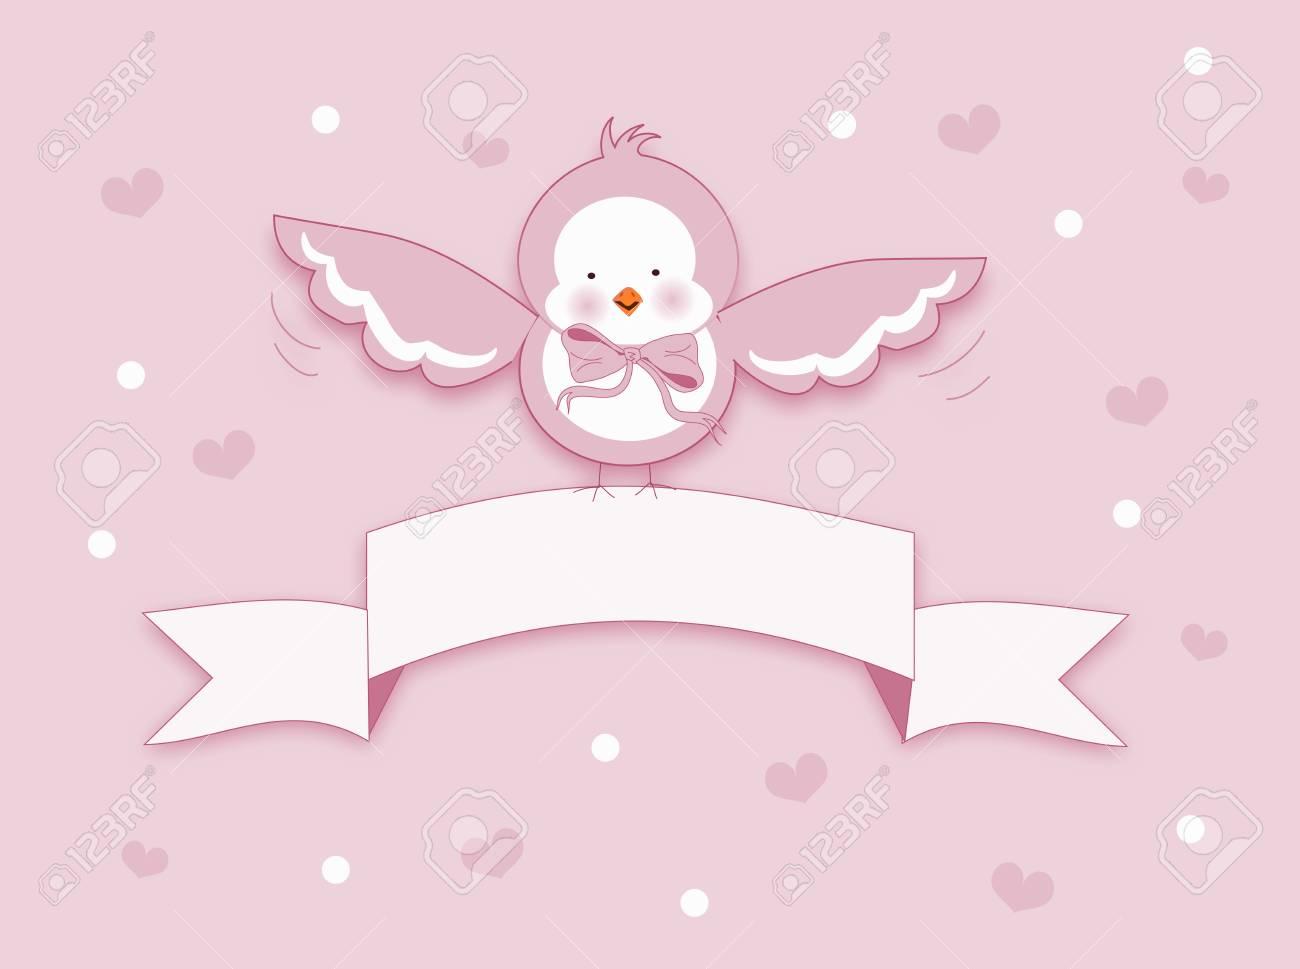 光ピンク小鳥とホワイト リボンのかわいいイラスト の写真素材画像素材